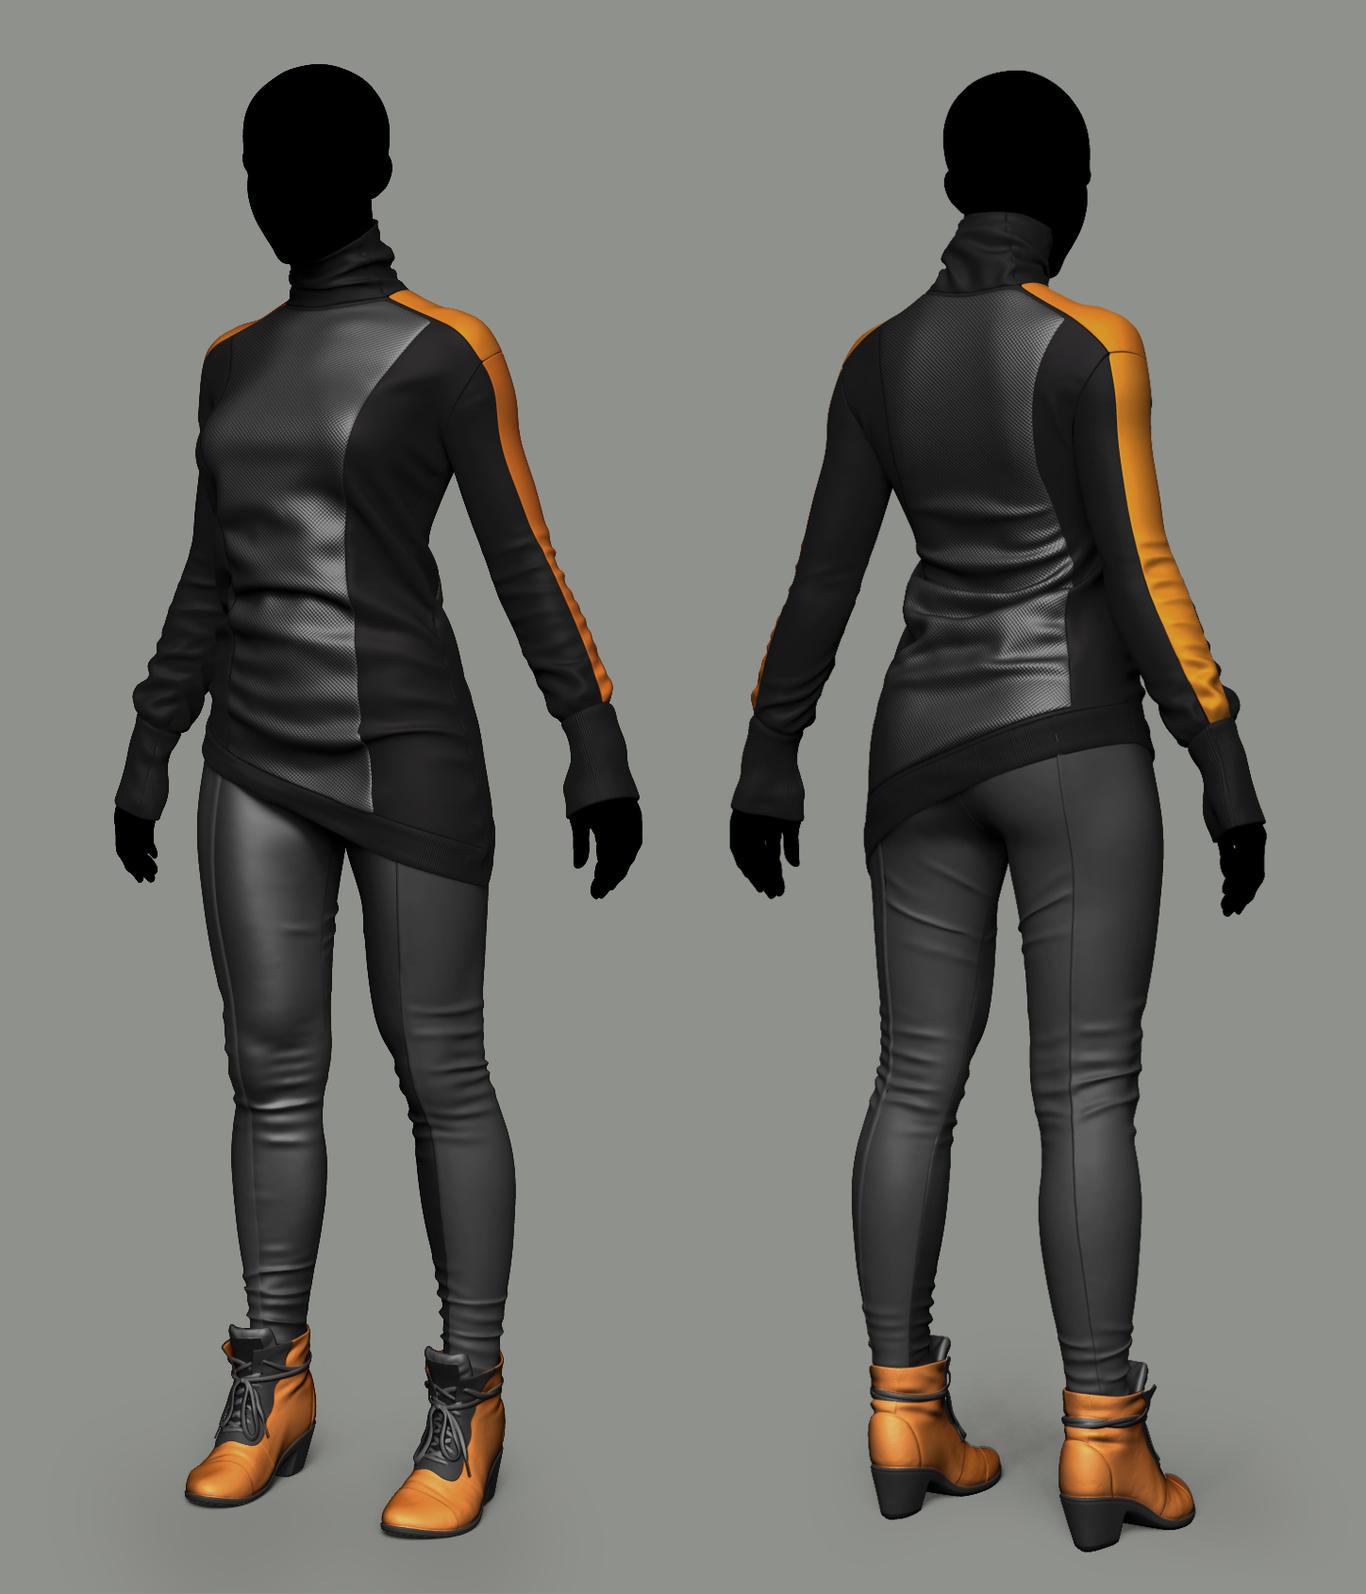 cyberpunk wear